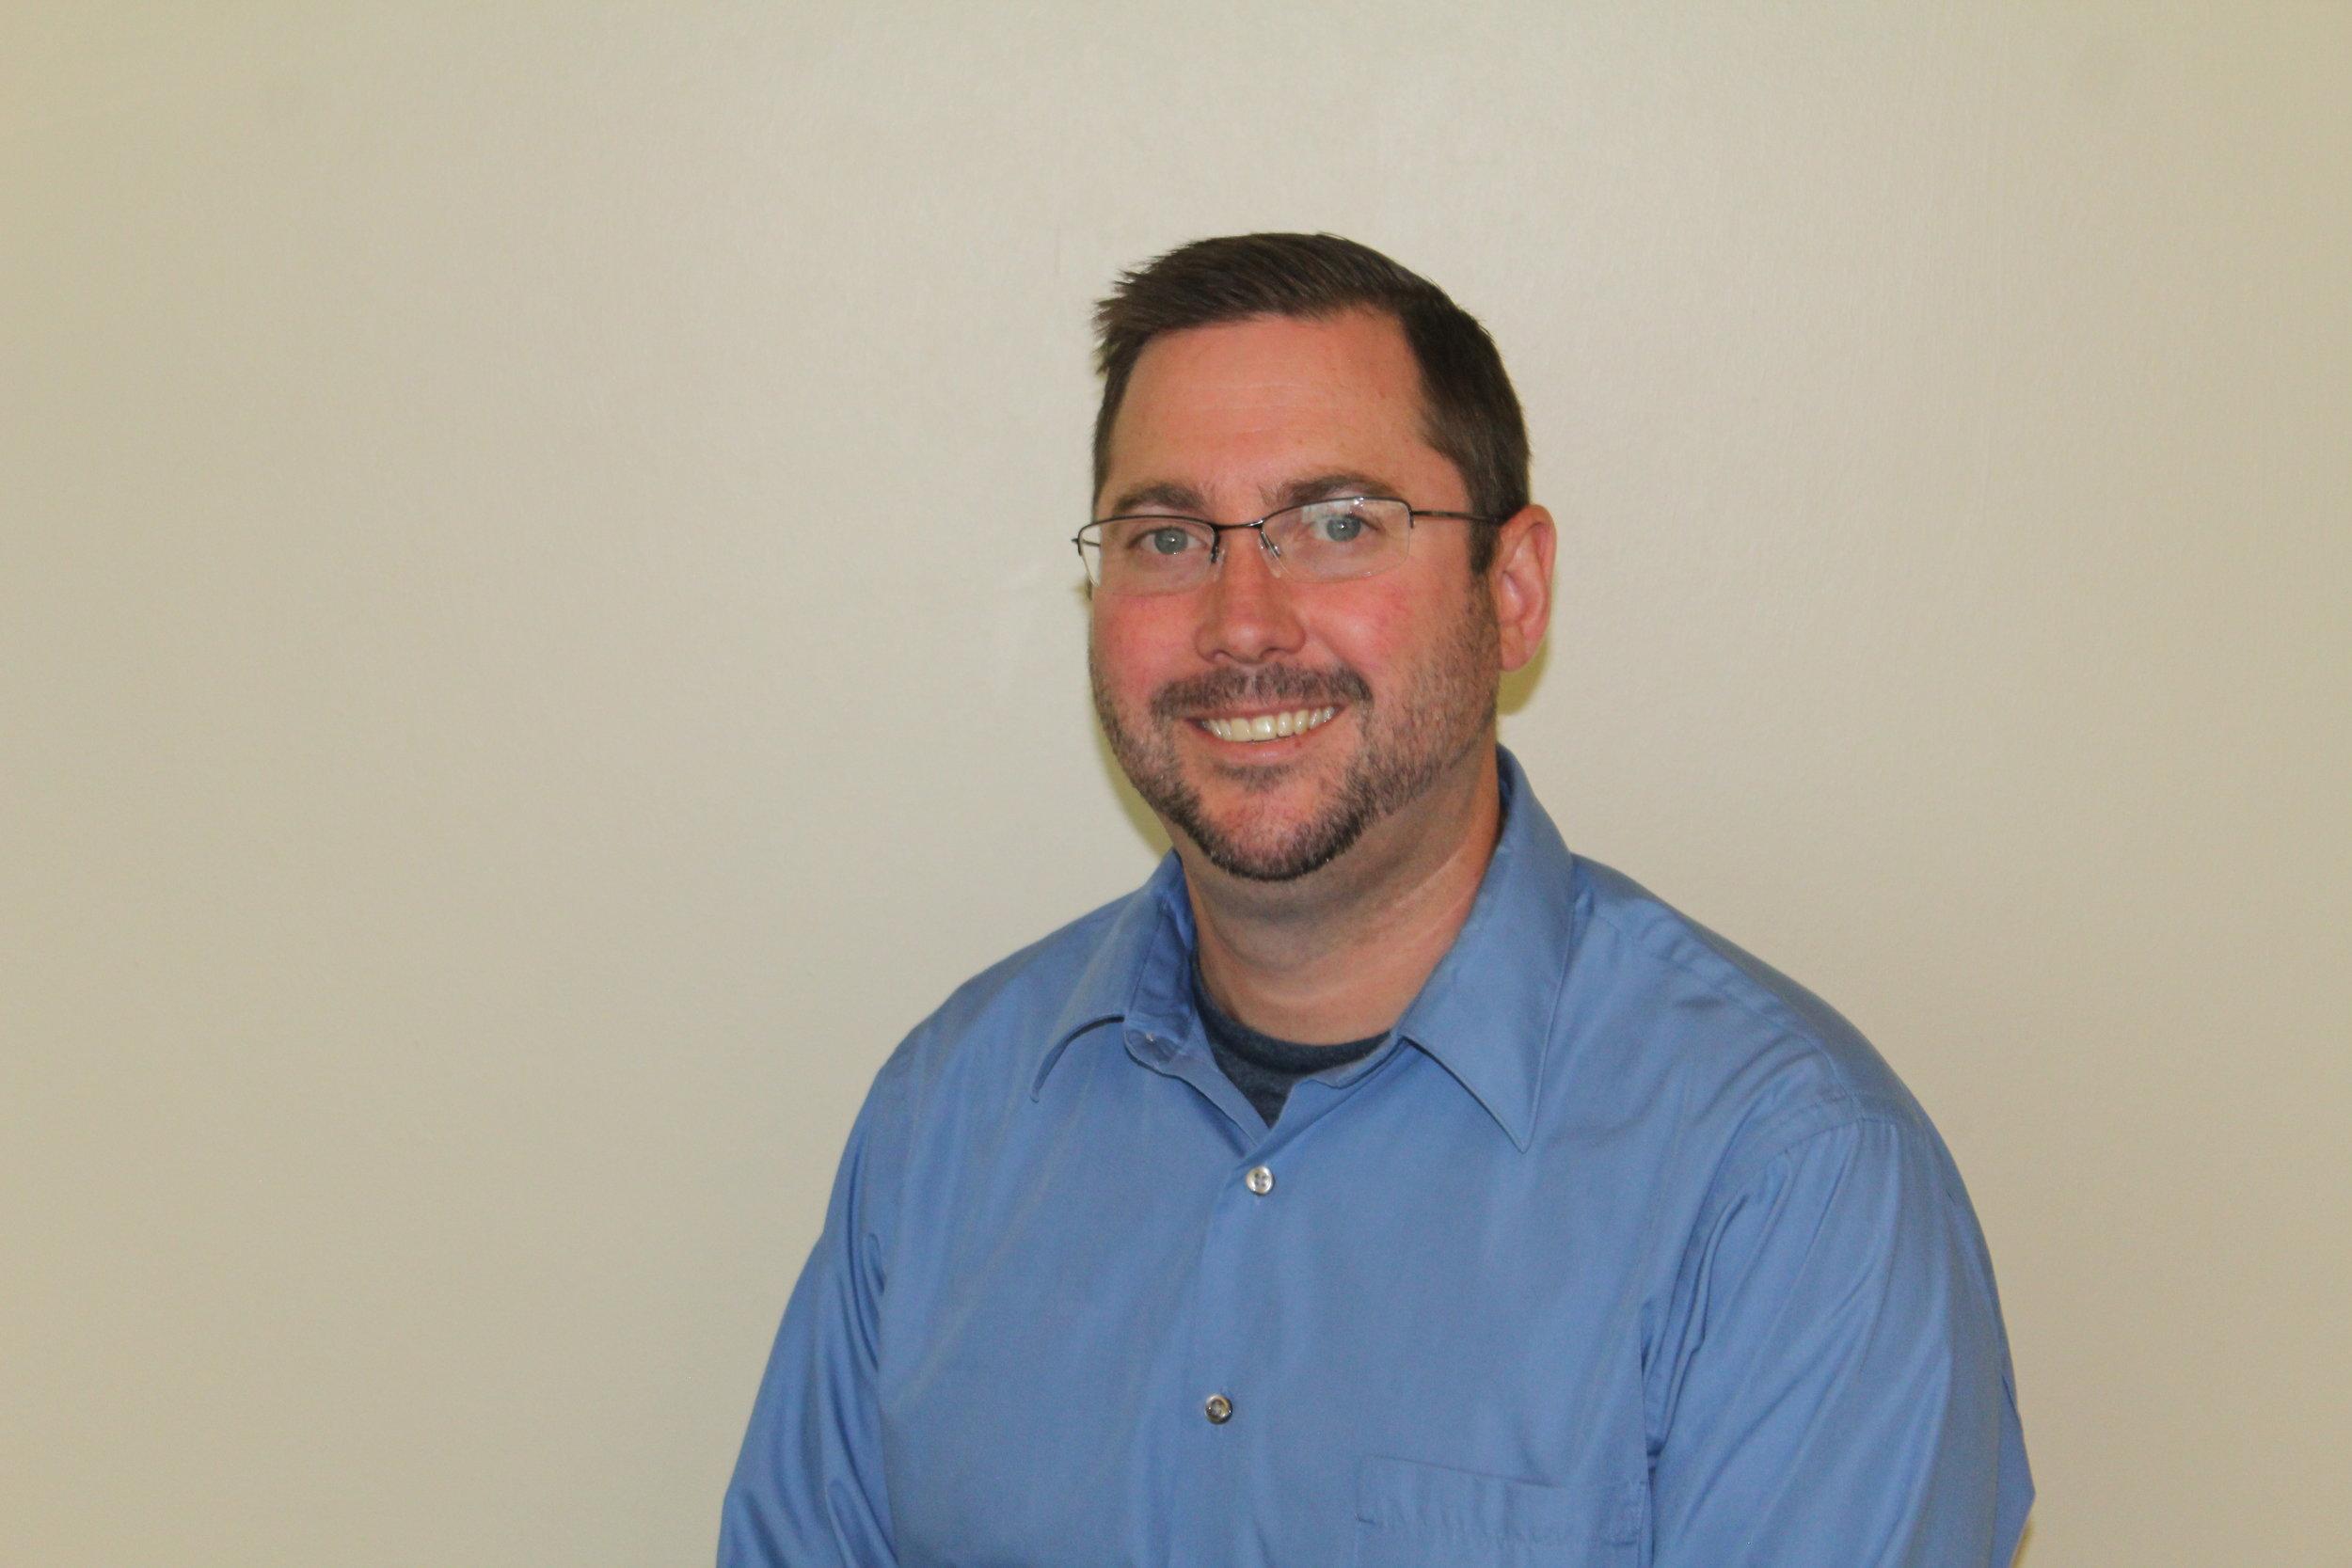 Ben Dickerson, School Improvement Program Coordinator, Region 10 ESC